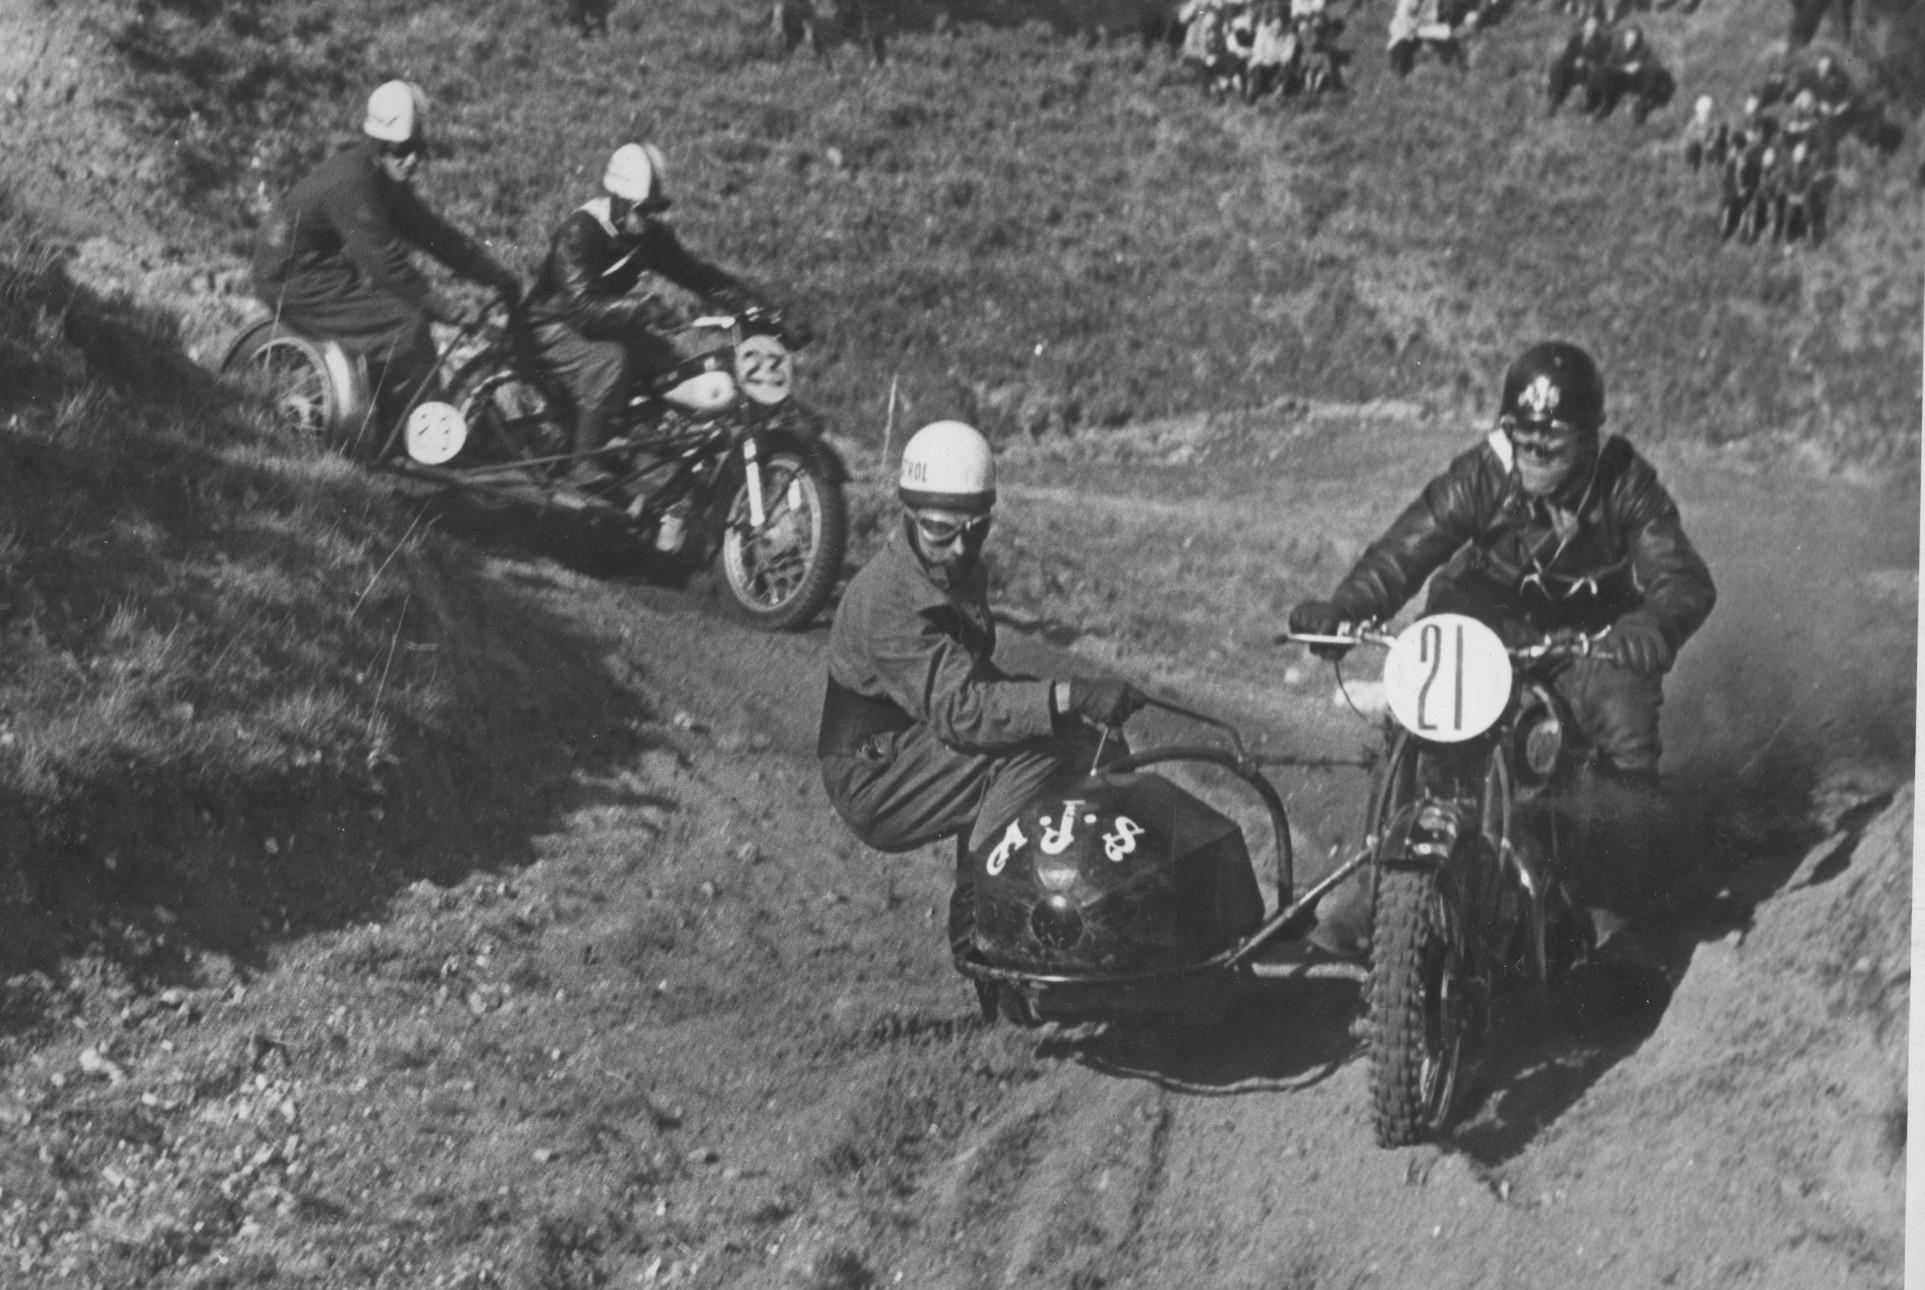 Volk Mølle St. Bedag 1951. Stadig Gunnar og Aksel på AJS. Her foran Søren Juul på Nimbus.